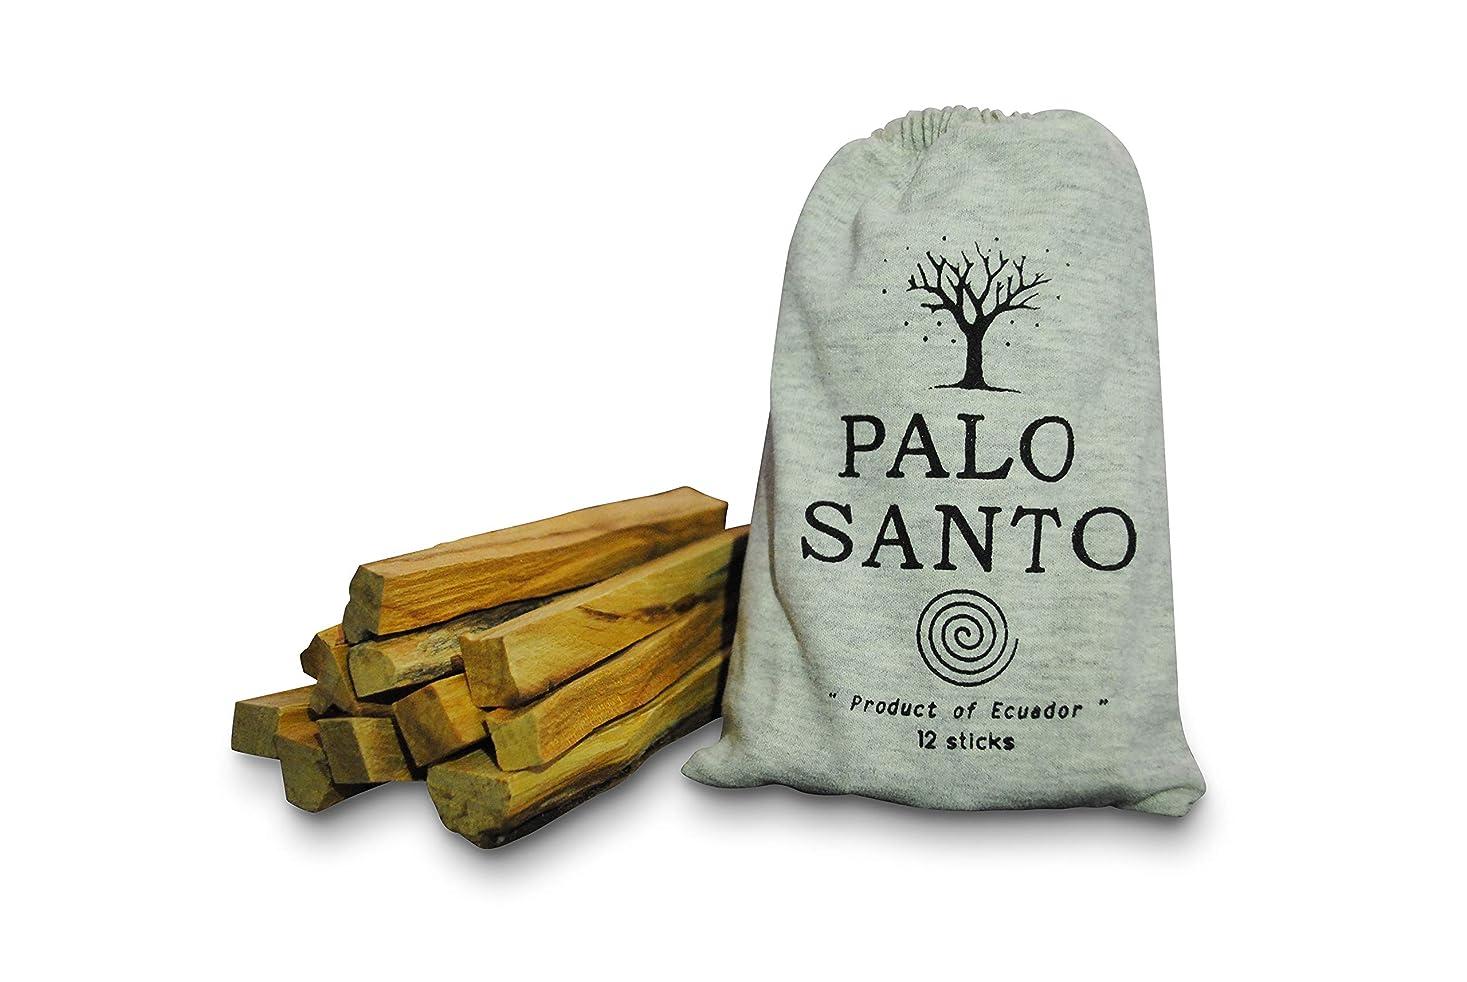 栄光り入場オルタナティブ ミラクル パロ サント スマッジスティック - 野生の収穫 聖なる木のお香 スマッジスティック